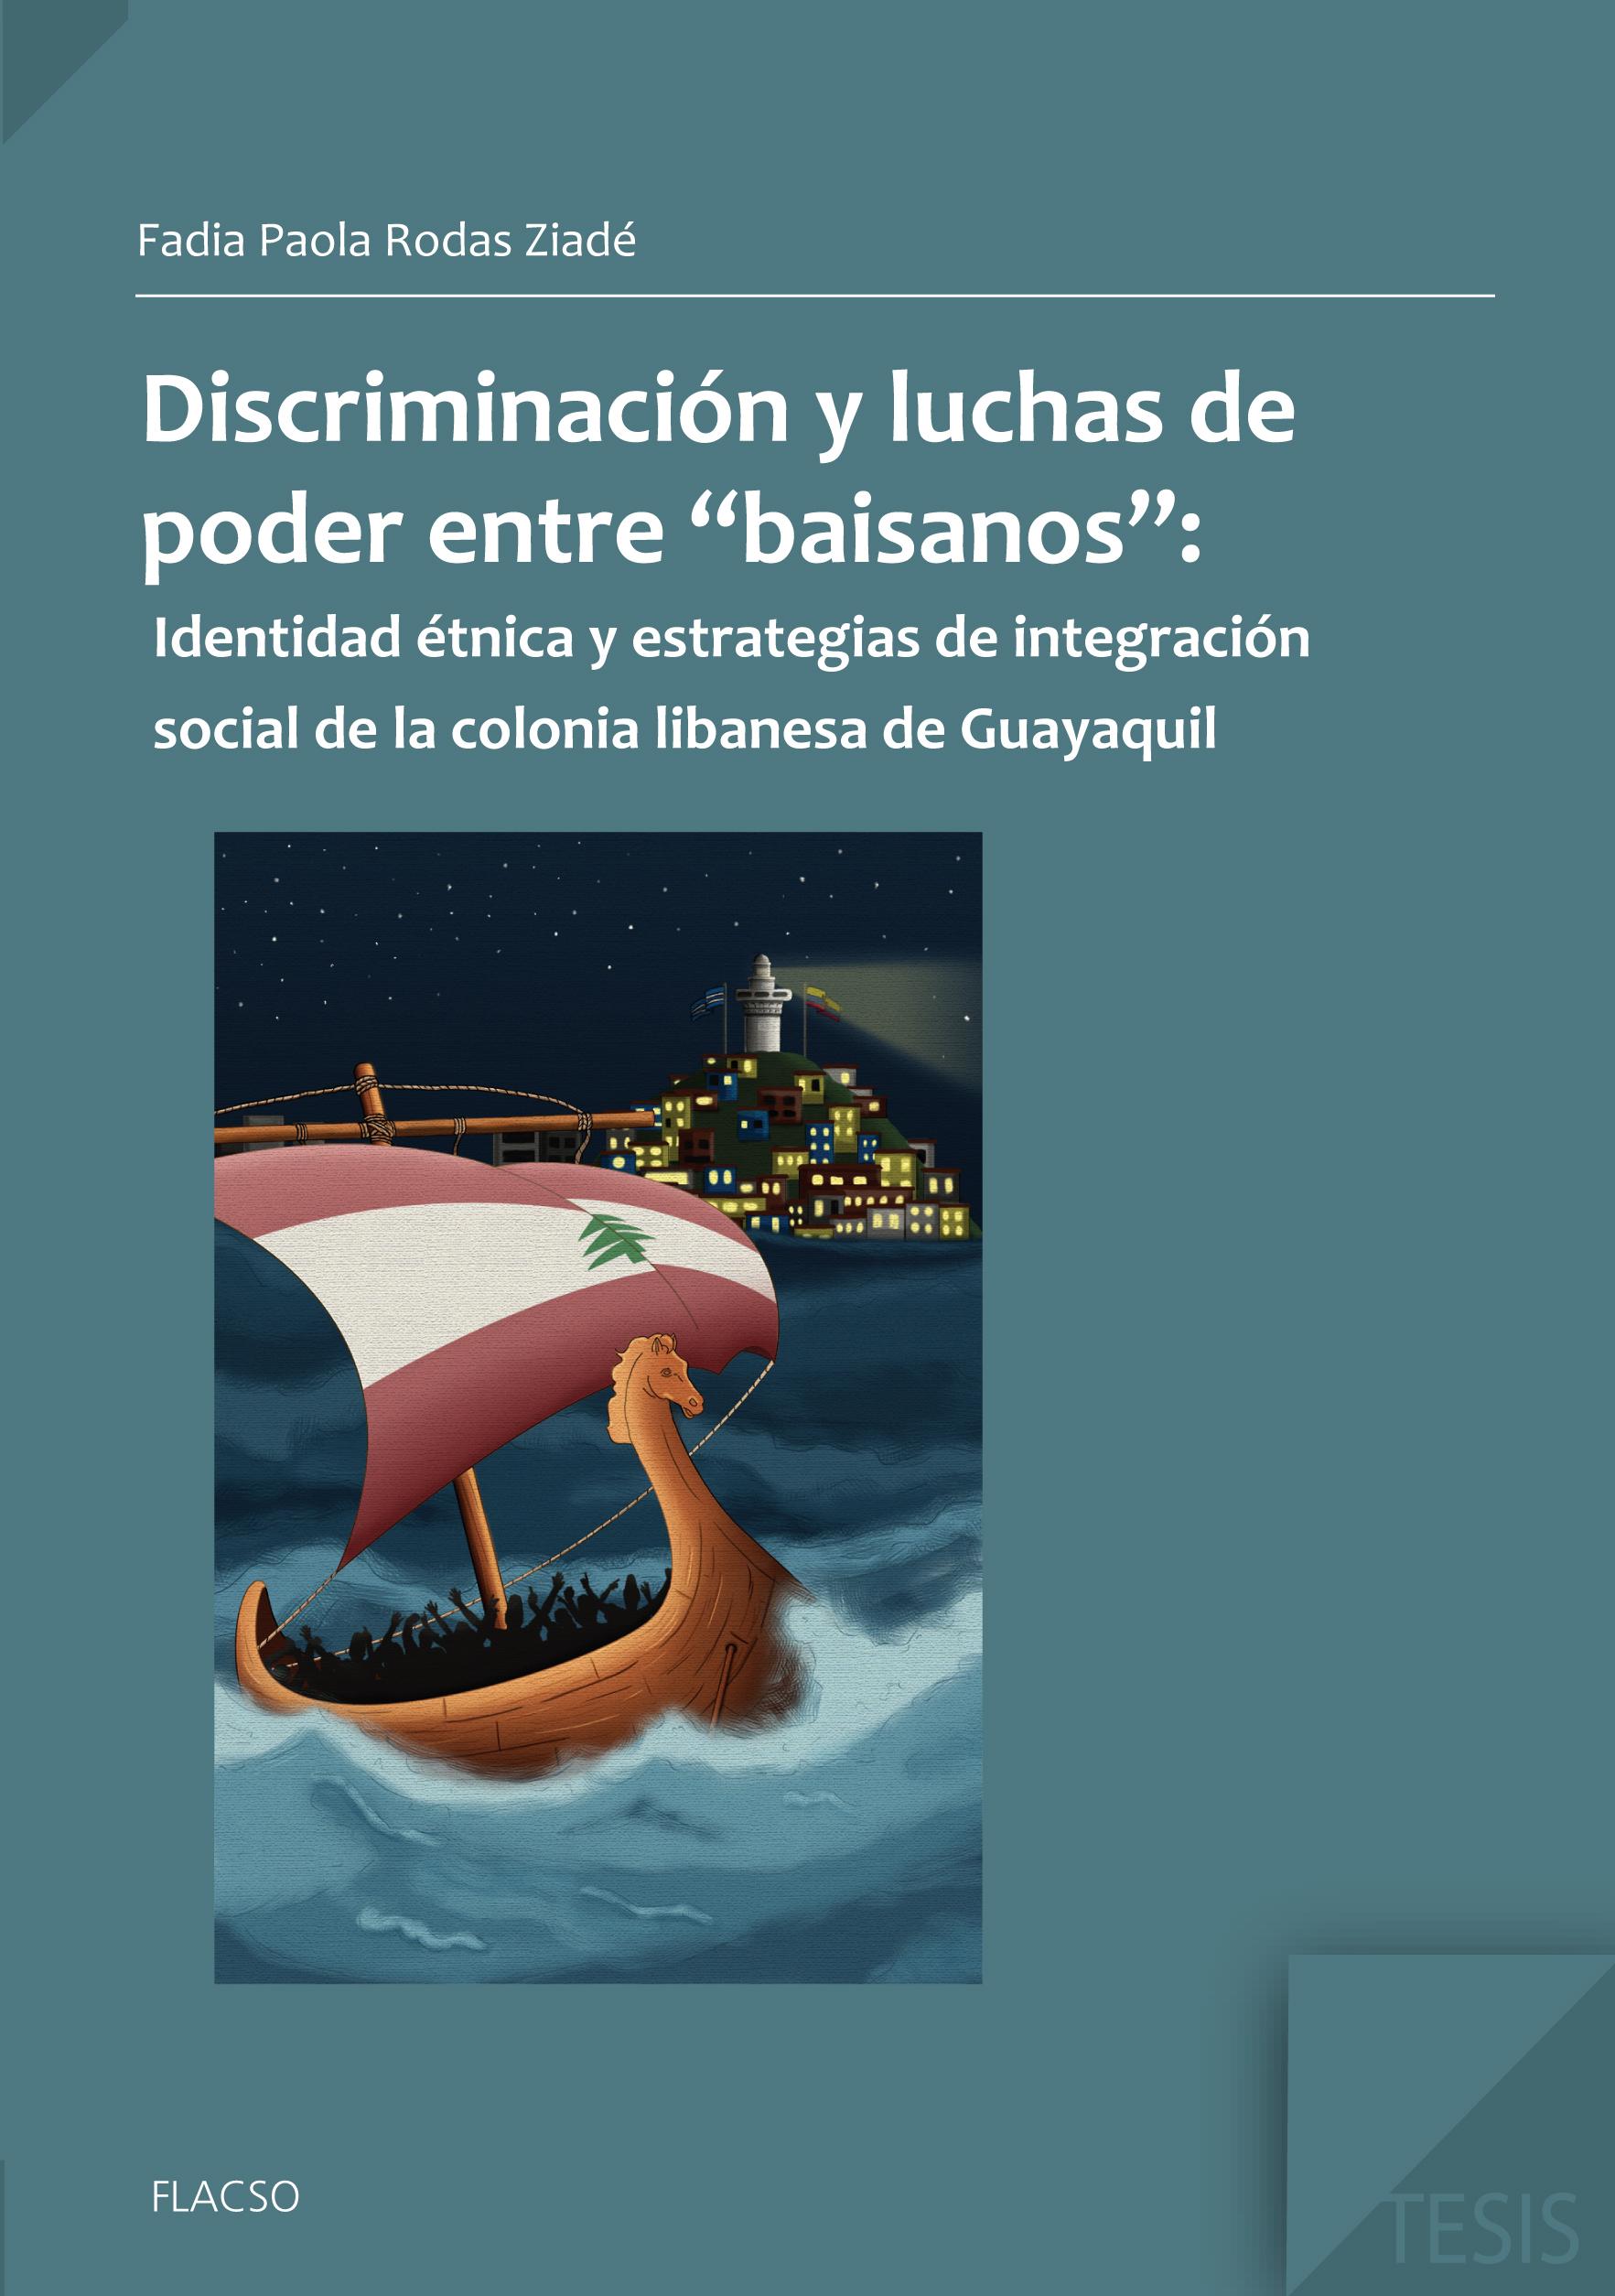 Discriminación y luchas de poder entre